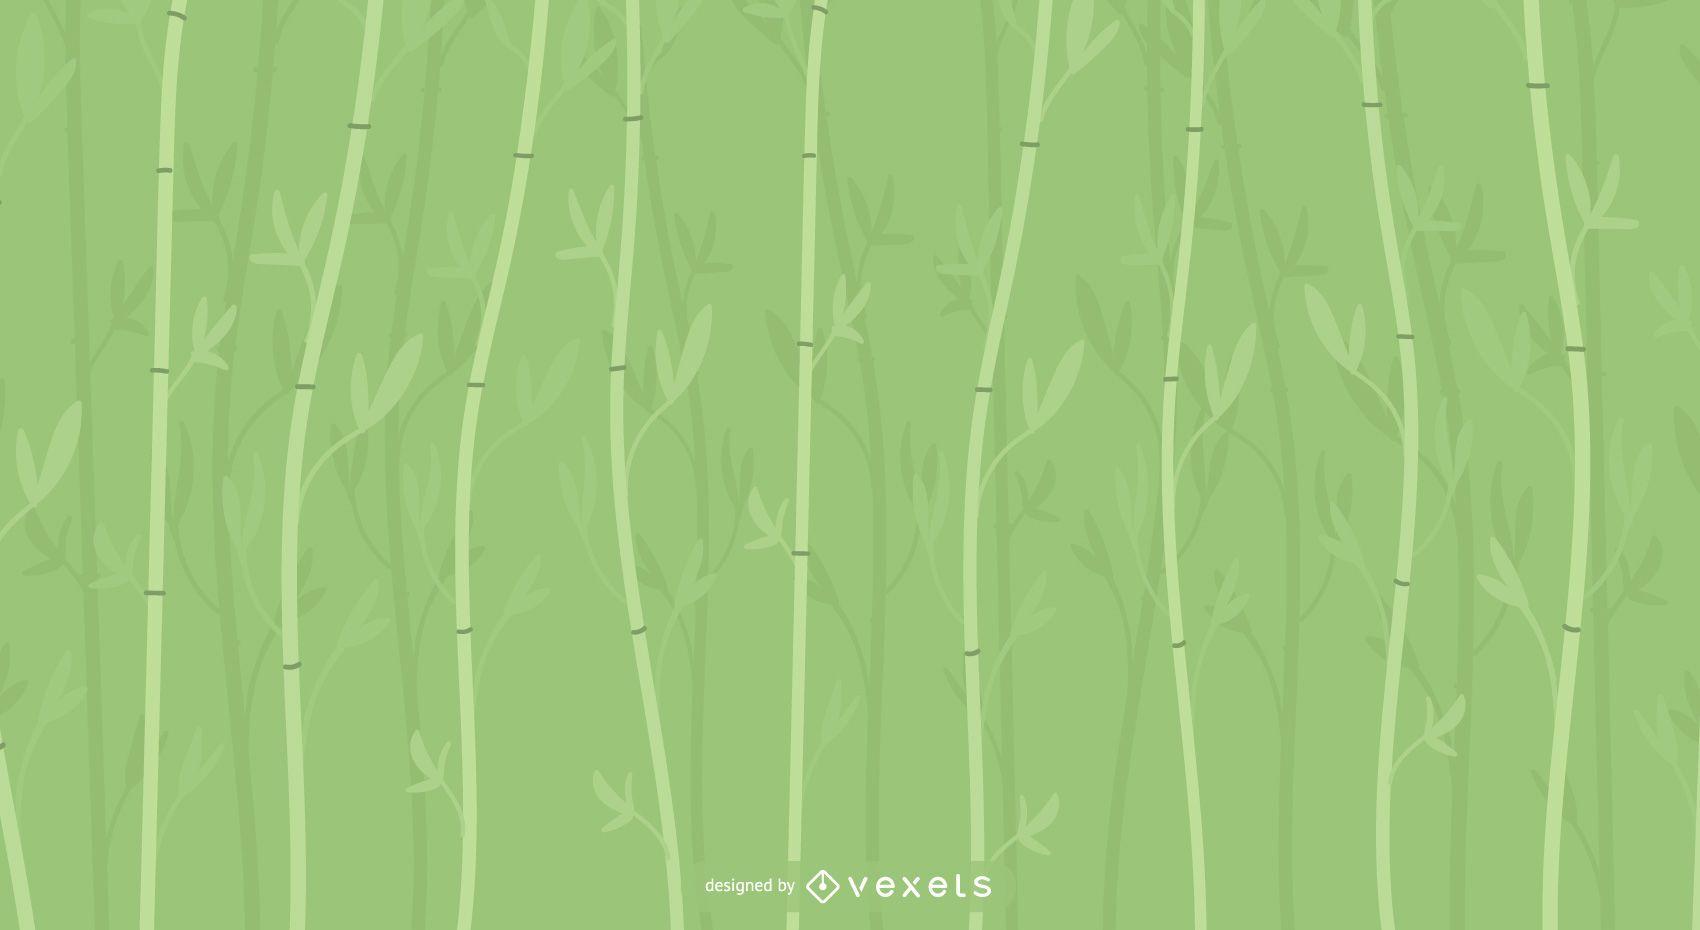 Diseño de fondo de bambú